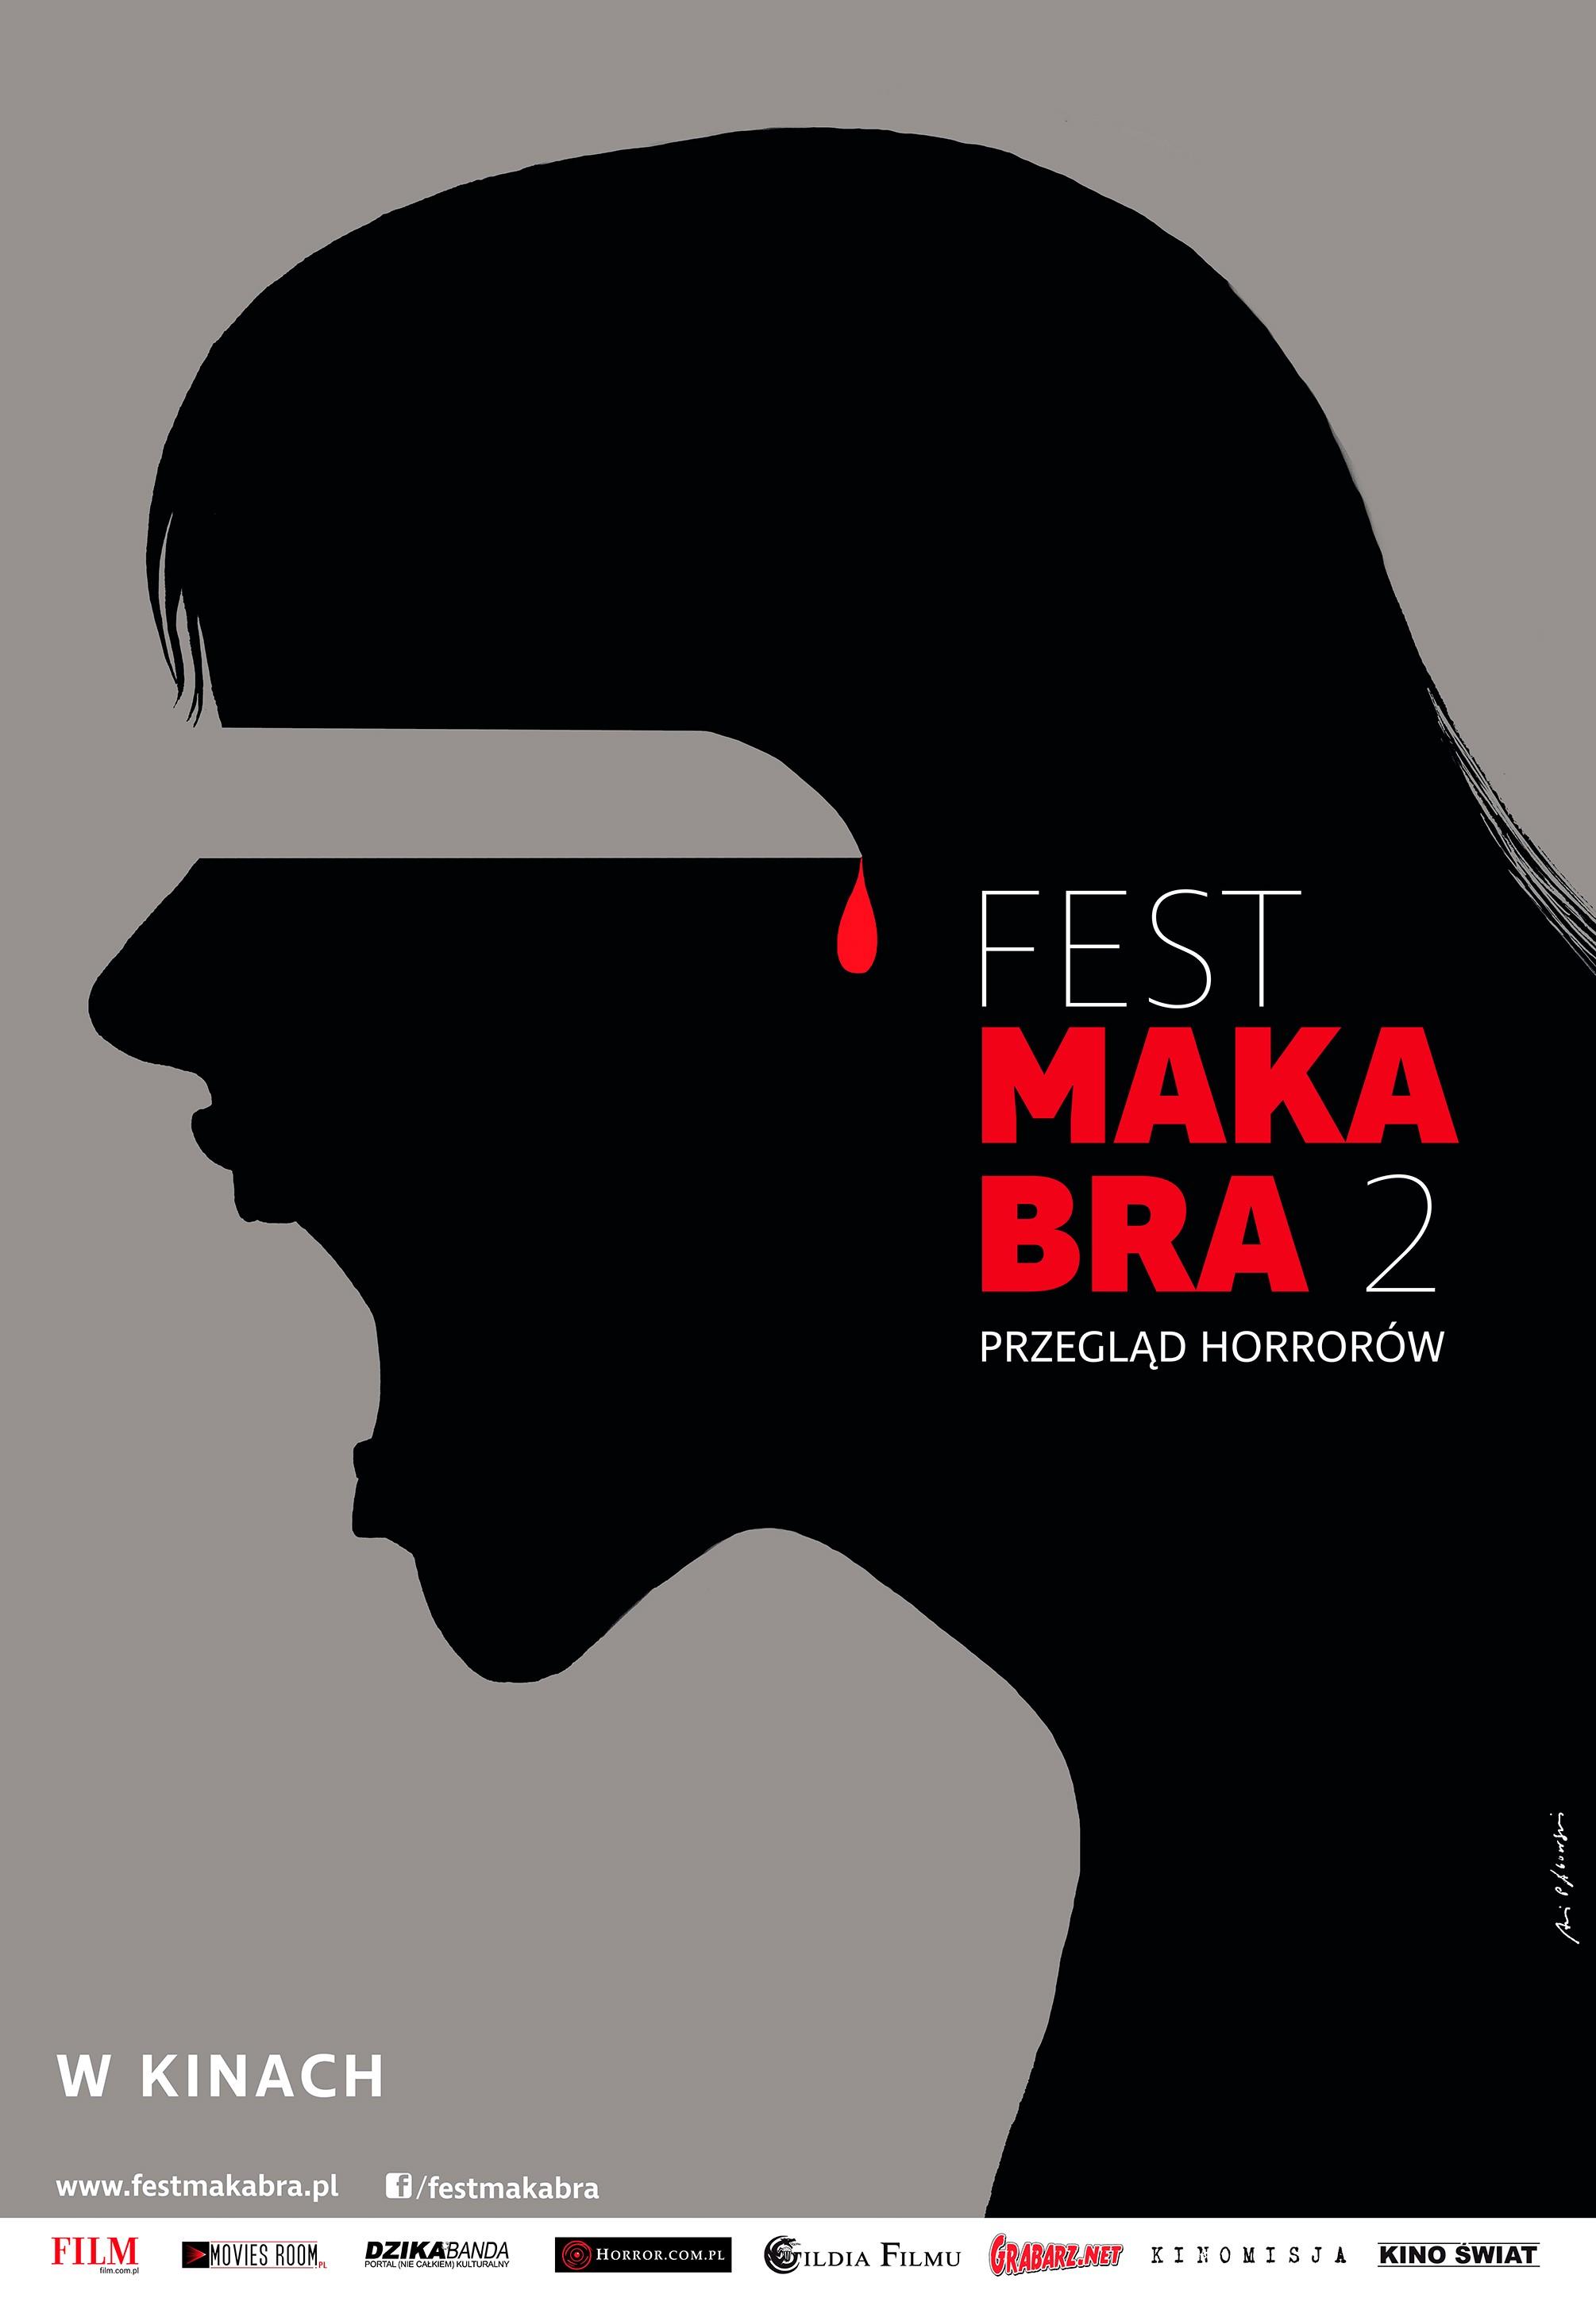 Fest Makabra 2 Artystyczny Plakat Autorstwa Andrzeja